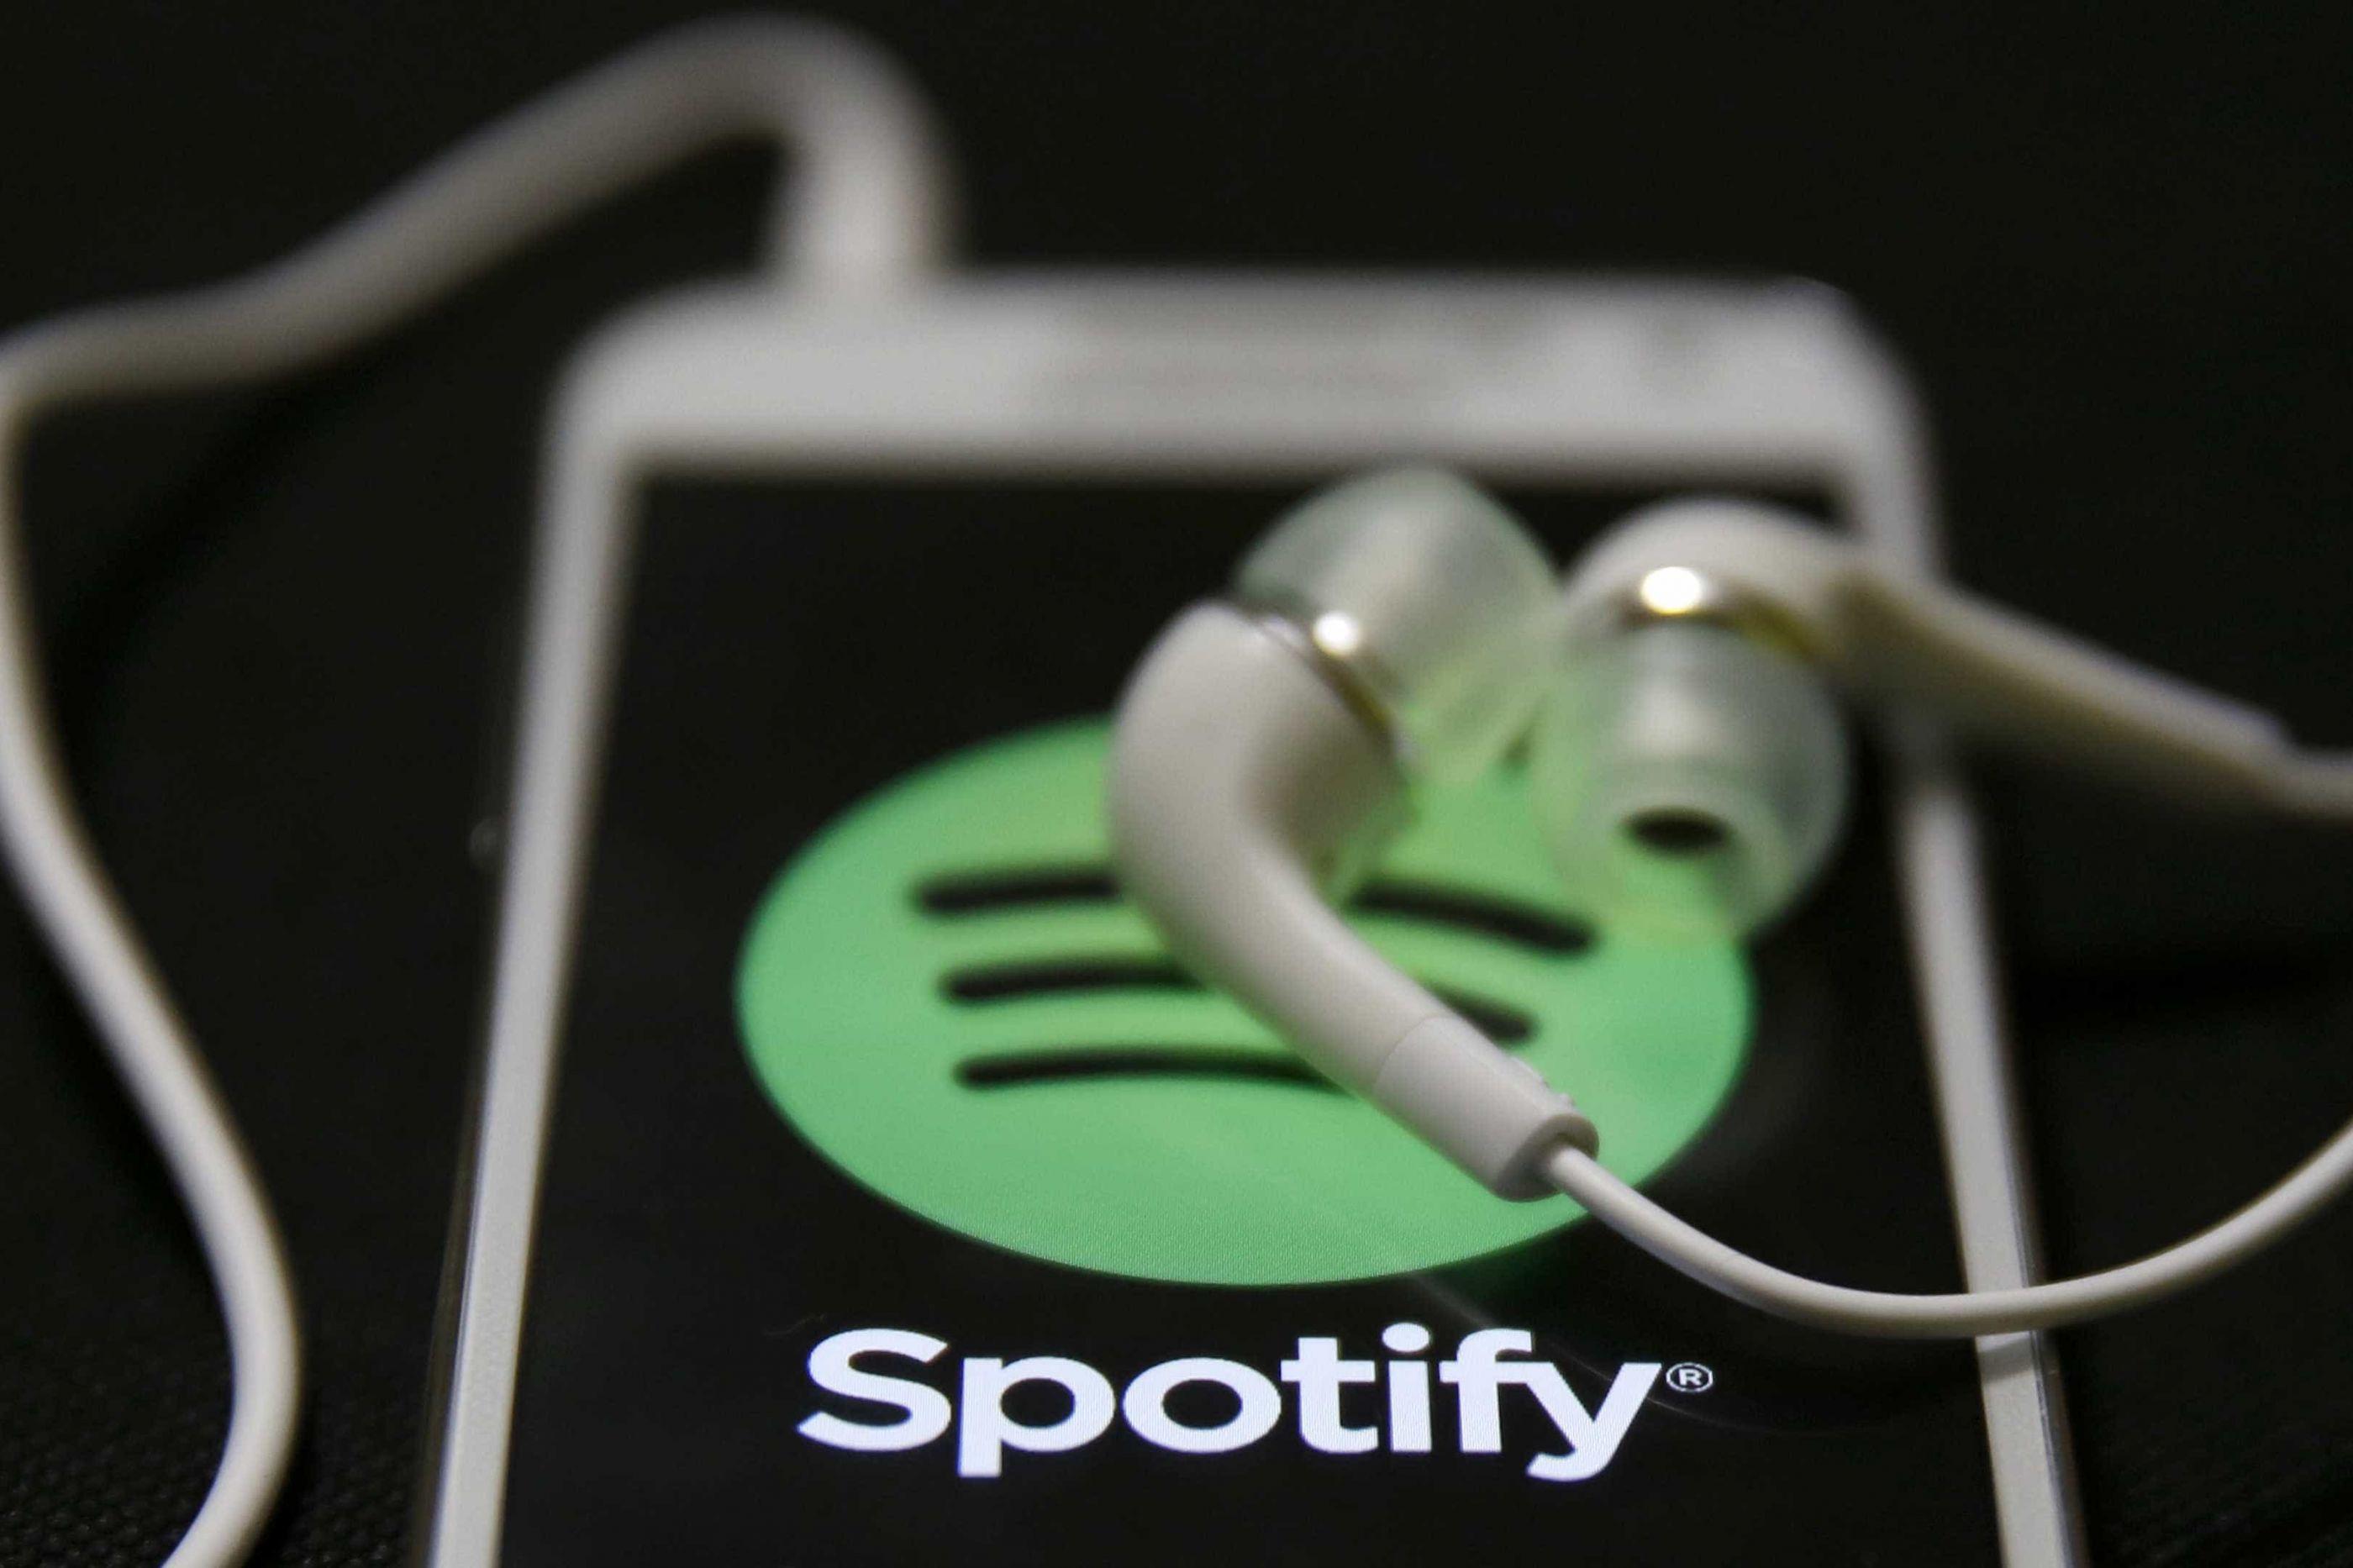 Fãs de videojogos, este é o momento para subscreverem o Spotify